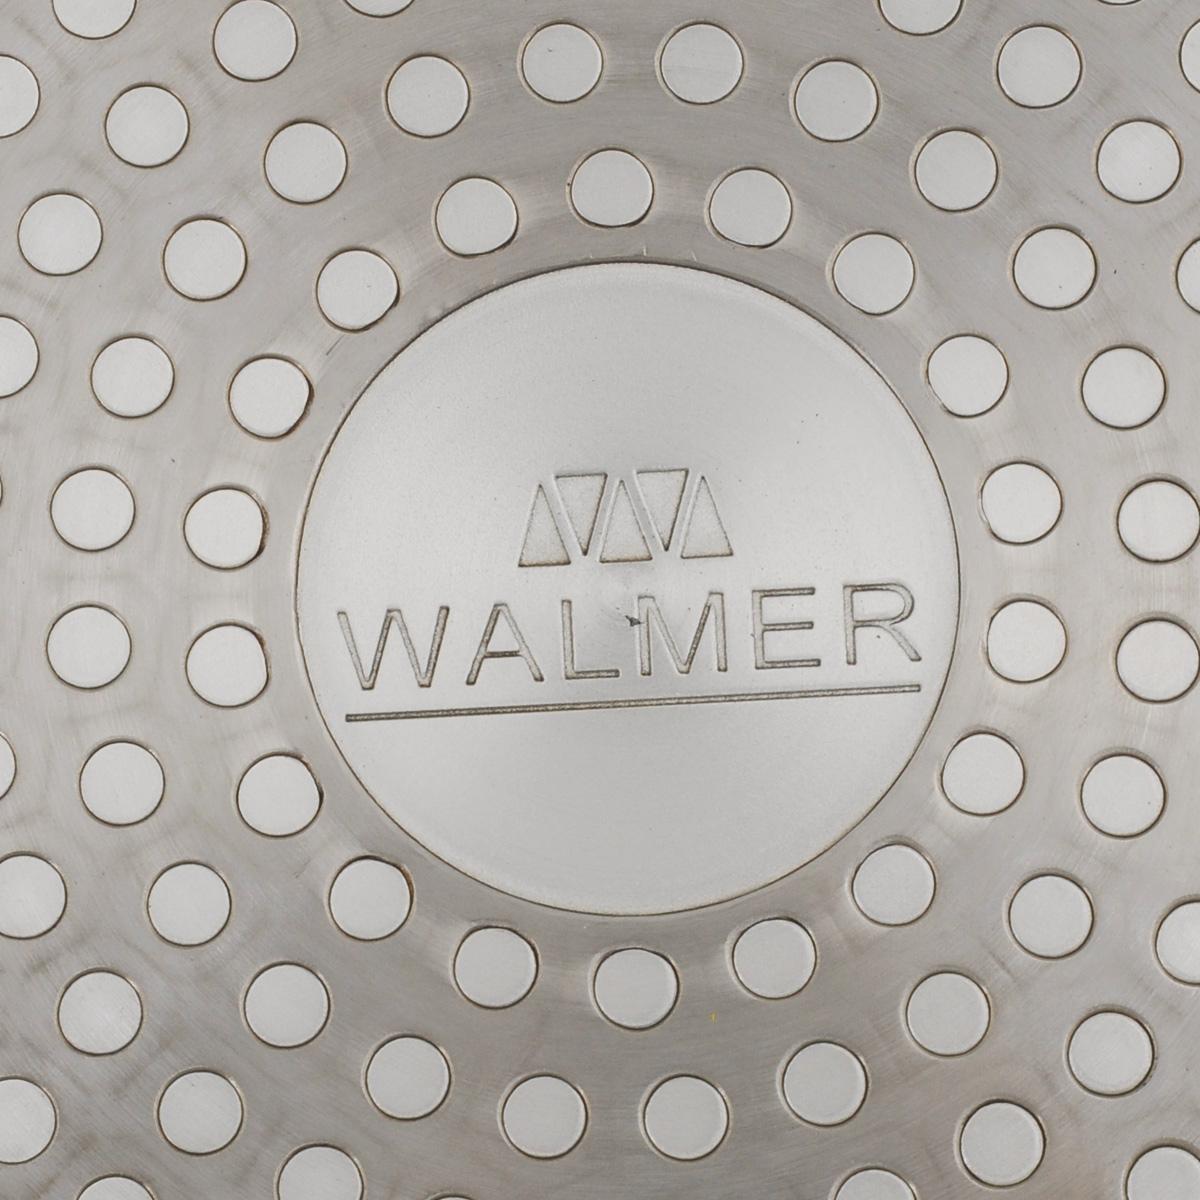 """Сковорода Walmer """"Rainbow"""", изготовленная из кованого алюминия, имеет утолщенное дно и стенки. Антипригарное покрытие обеспечивает быстрый и равномерный нагрев. Кроме того, с таким покрытием пища не пригорает и не прилипает к стенкам, поэтому можно готовить с минимальным добавлением масла и жиров. Сковорода с антипригарным покрытием Walmer """"Rainbow"""" имеет еще одно преимущество- эргономичную форму ручки, которая обеспечивает максимальное удобство использования. Ее термоизолированная поверхность гарантирует, что даже при сильном нагреве ручка не изменит своей температуры.Внешнее покрытие сковороды очень прочное, обладает высокой термостойкостью и не меняет цвет при нагреве, легко моется. Стоит помнить о том, что антипригарное дно сковороды наилучшим образом подходит для лопаток из дерева, пластика и силикона. Металлические ложки и лопатки могут повредить целостность покрытия.Подходит для всех типов плит, включая индукционные.Диаметр: 20 см.Диаметр дна: 15 см. Высота стенки: 4,5 см. Толщина стенки: 4 мм.Толщина дна: 3 мм.Длина ручки: 17 см."""